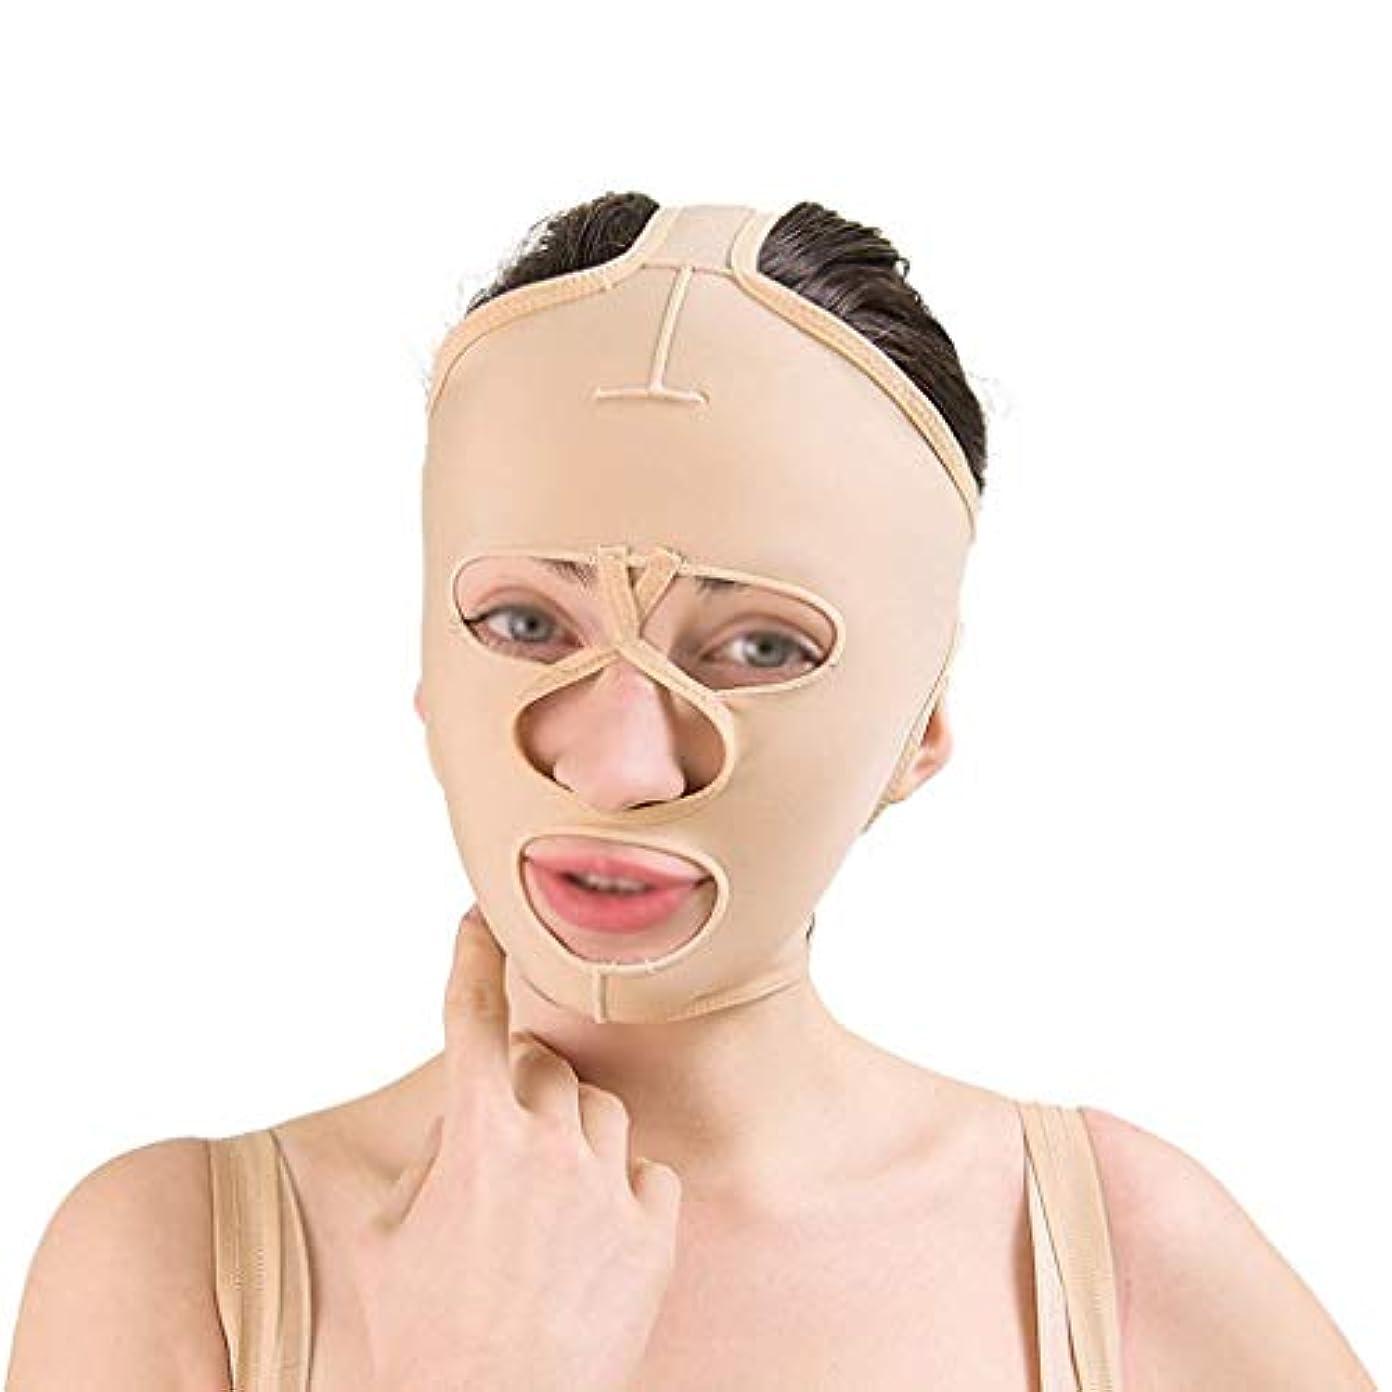 球状所属厚いフェイシャルリフティングツール、フェイシャルビューティーリフティングマスク、通気性引き締めリフティングフェイシャル包帯、フェイシャルタイトバンデージ(サイズ:L),XL